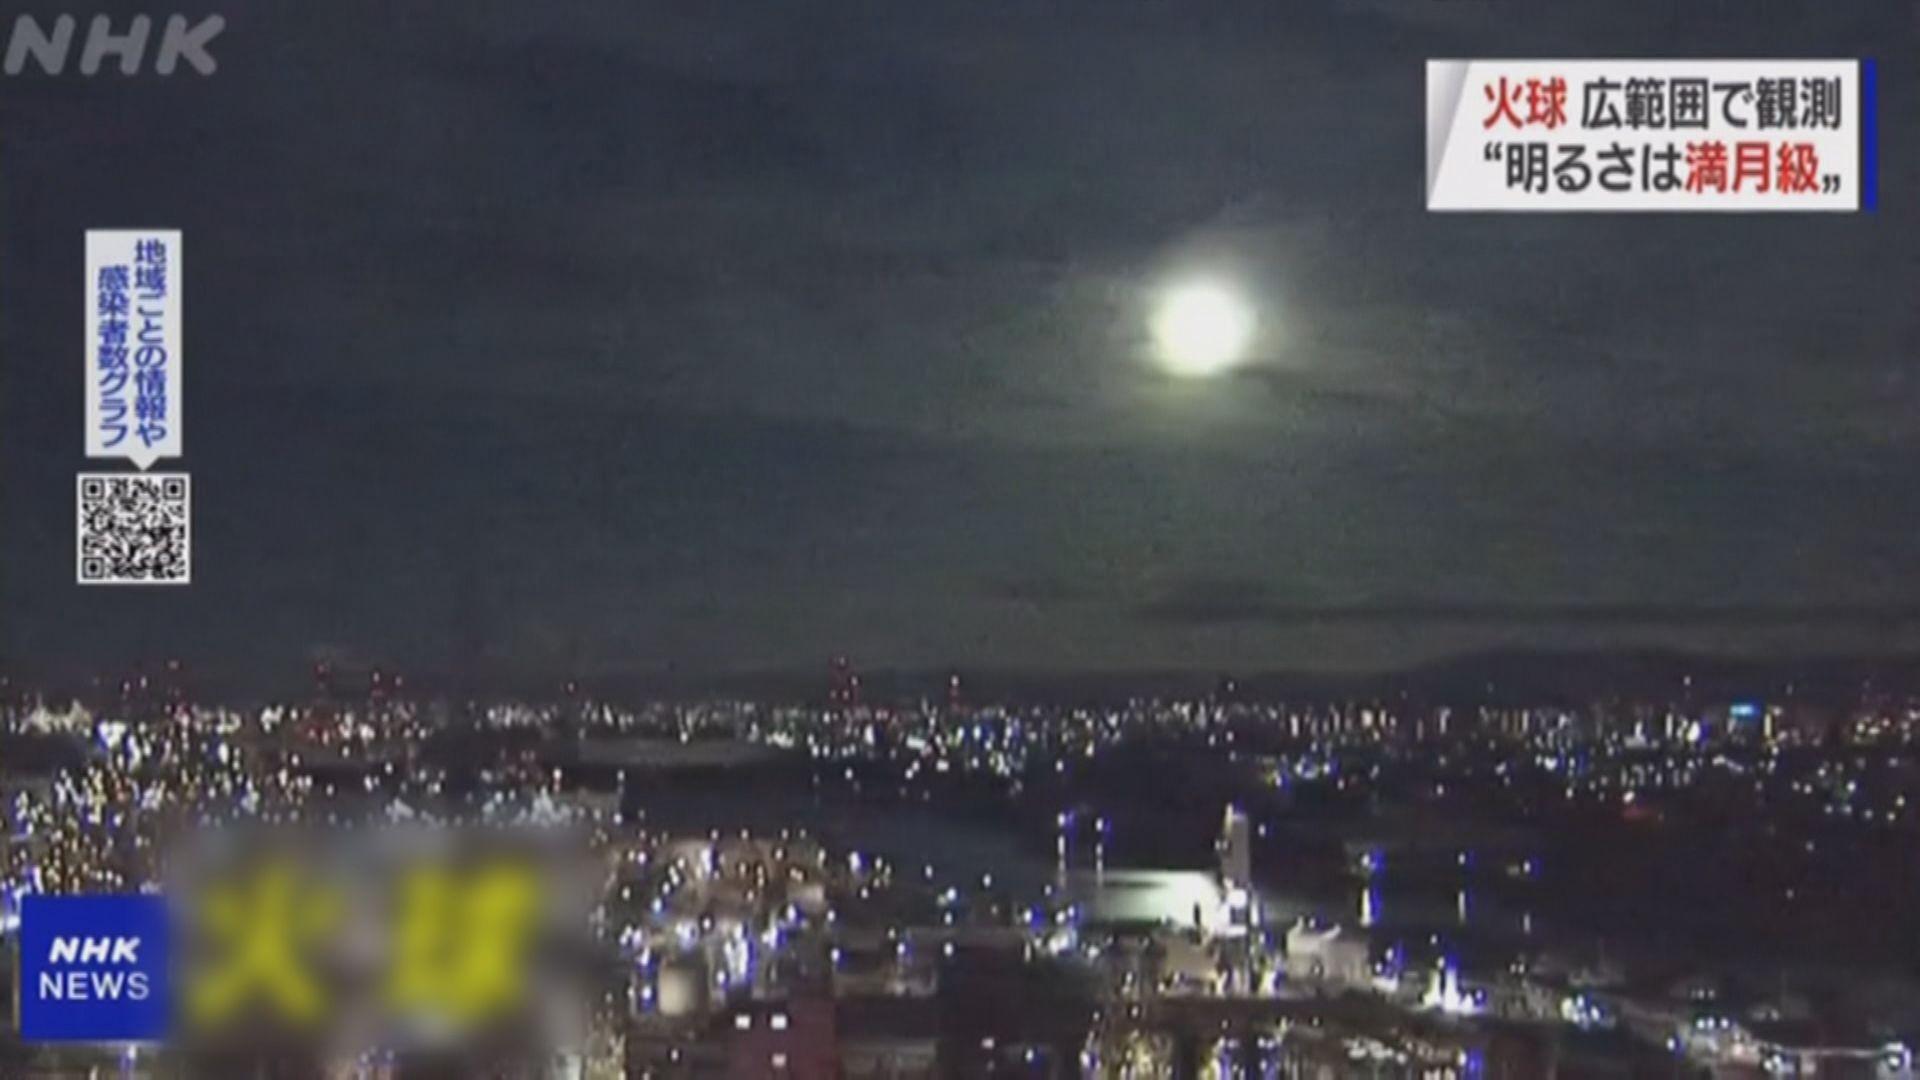 日本西部至東海地區出現隕石火光